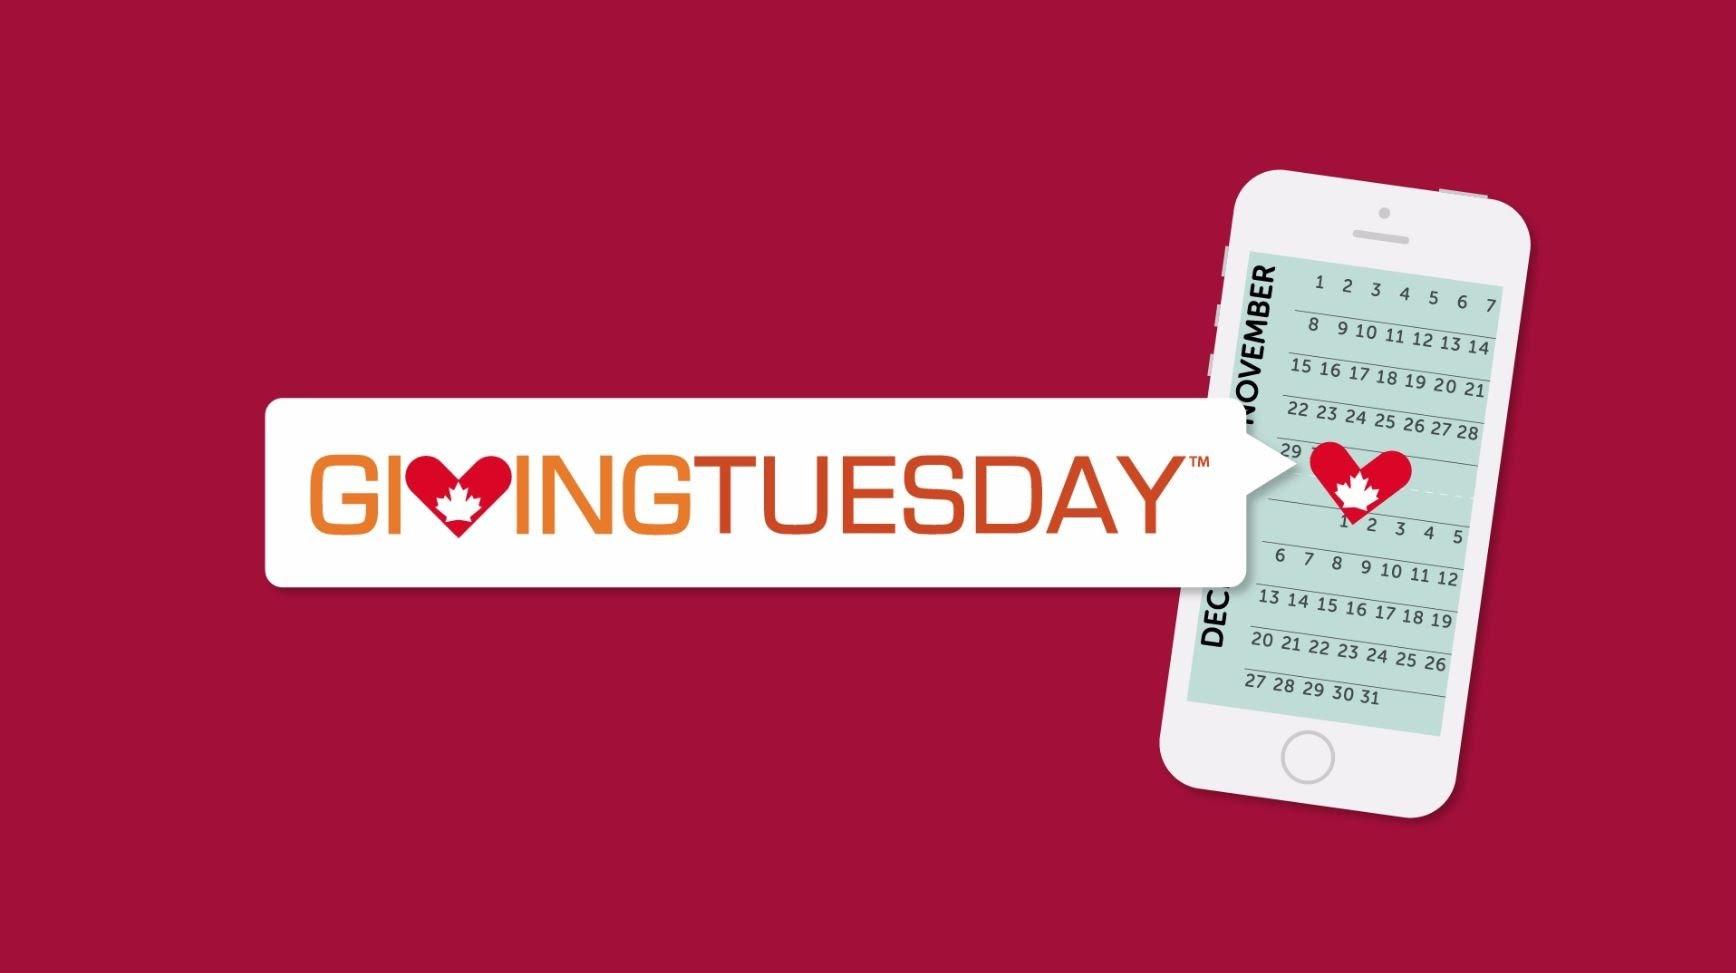 Givin, takipçilerine GivingTuesday aracılığıyla bağış çağrısında bulunuyor